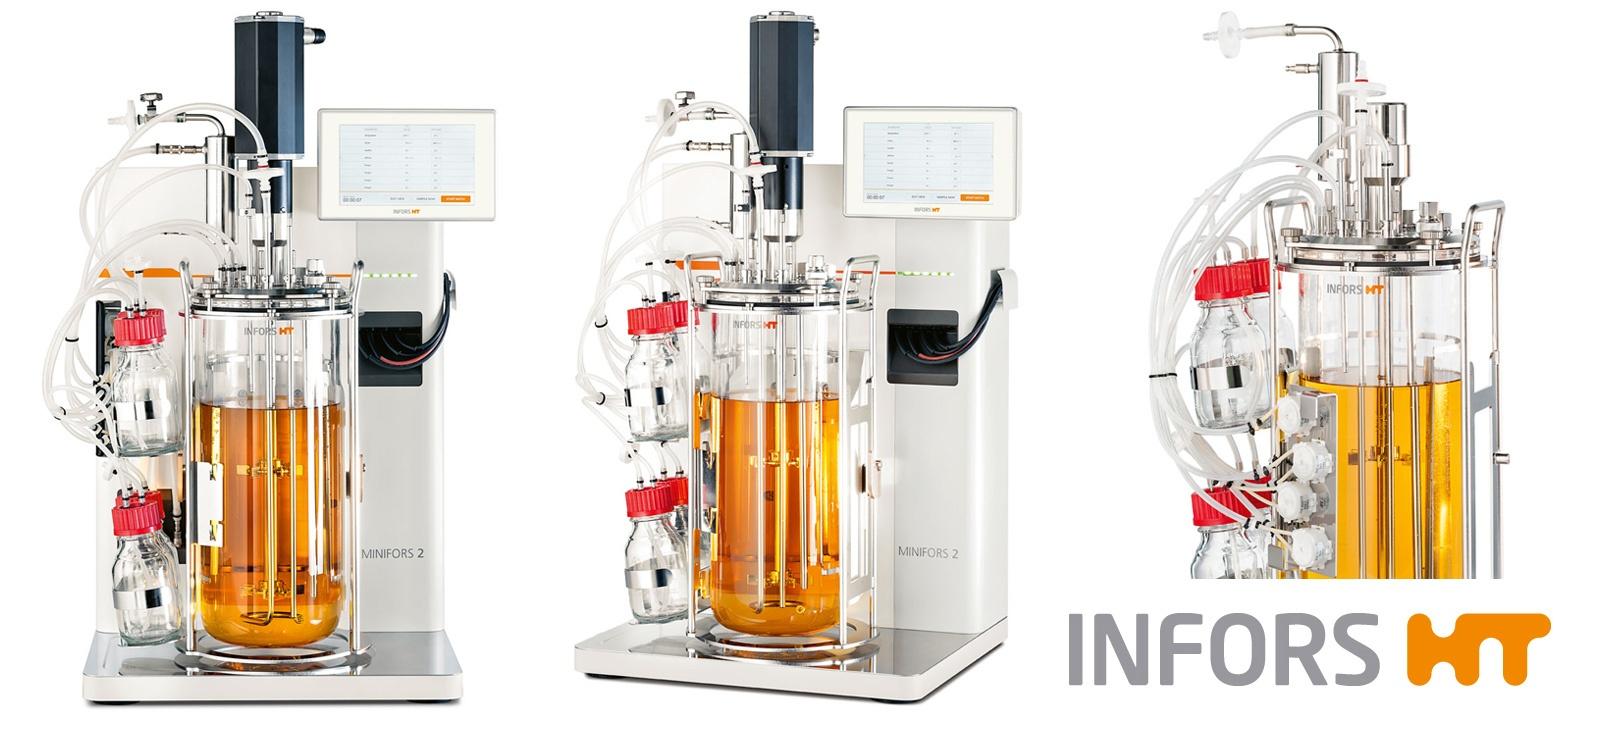 Биореактор Minifors 2 бактериальный 6 л